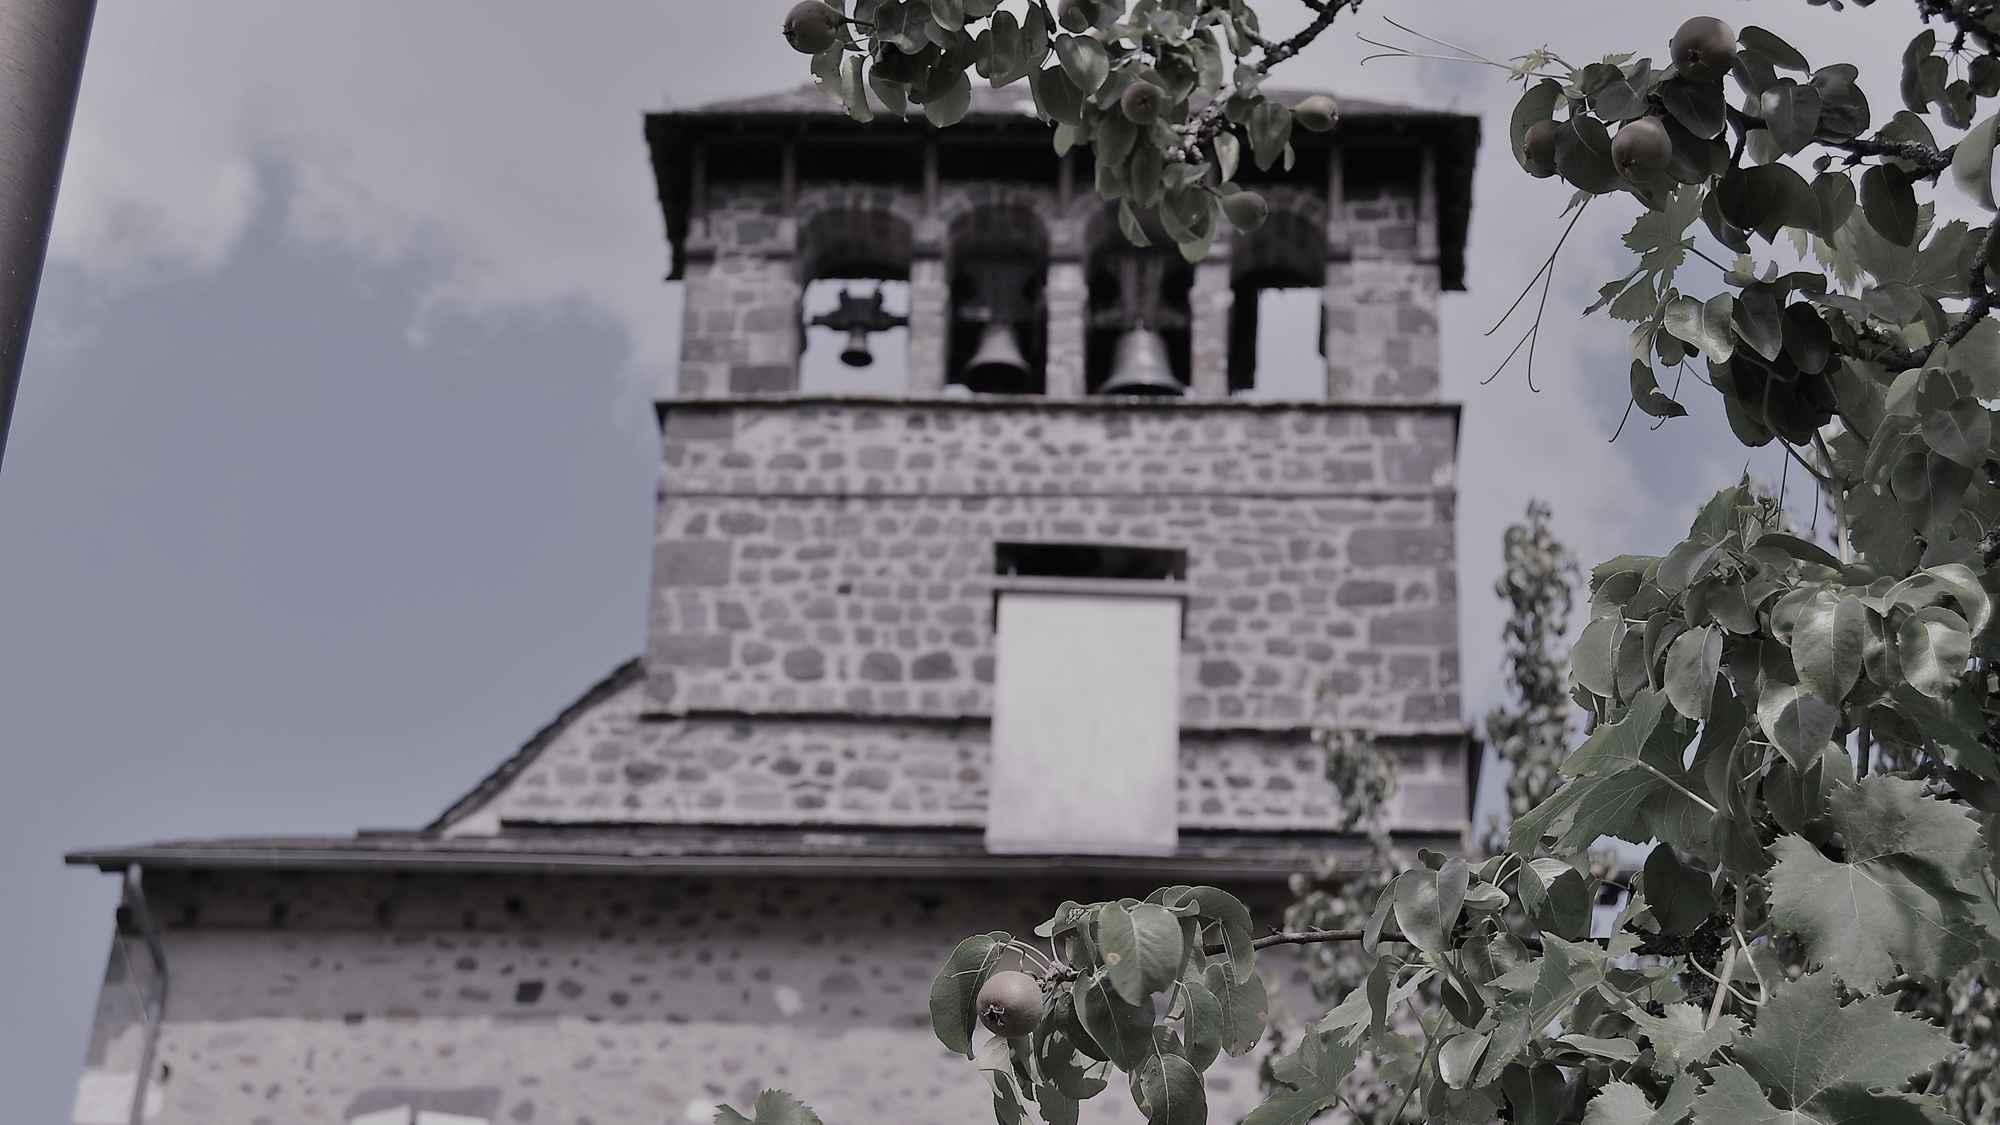 Vue clocher noir et blanc ret